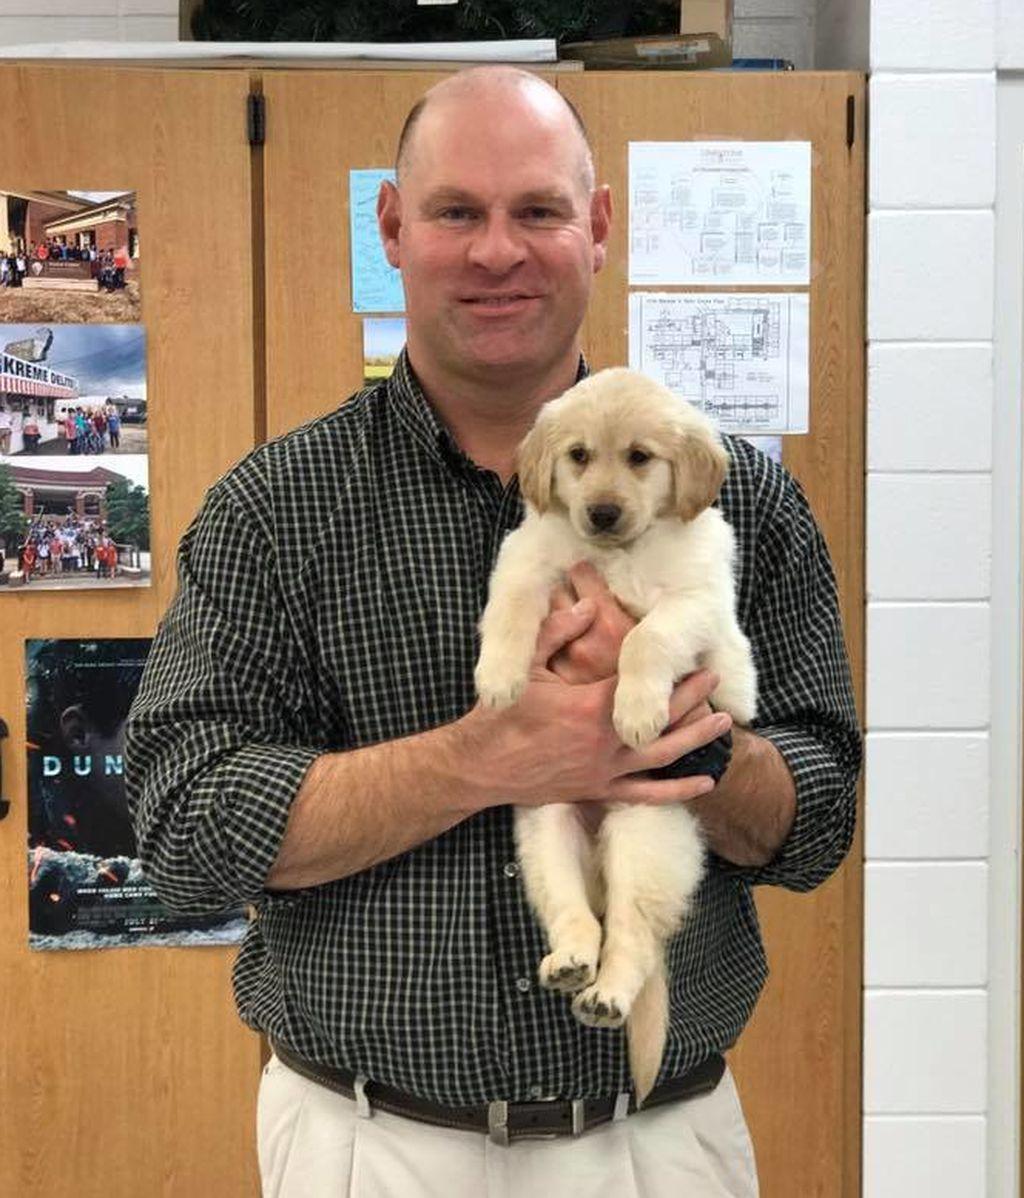 Sorprenden a un profesor que perdió a su perro regalándole un cachorro